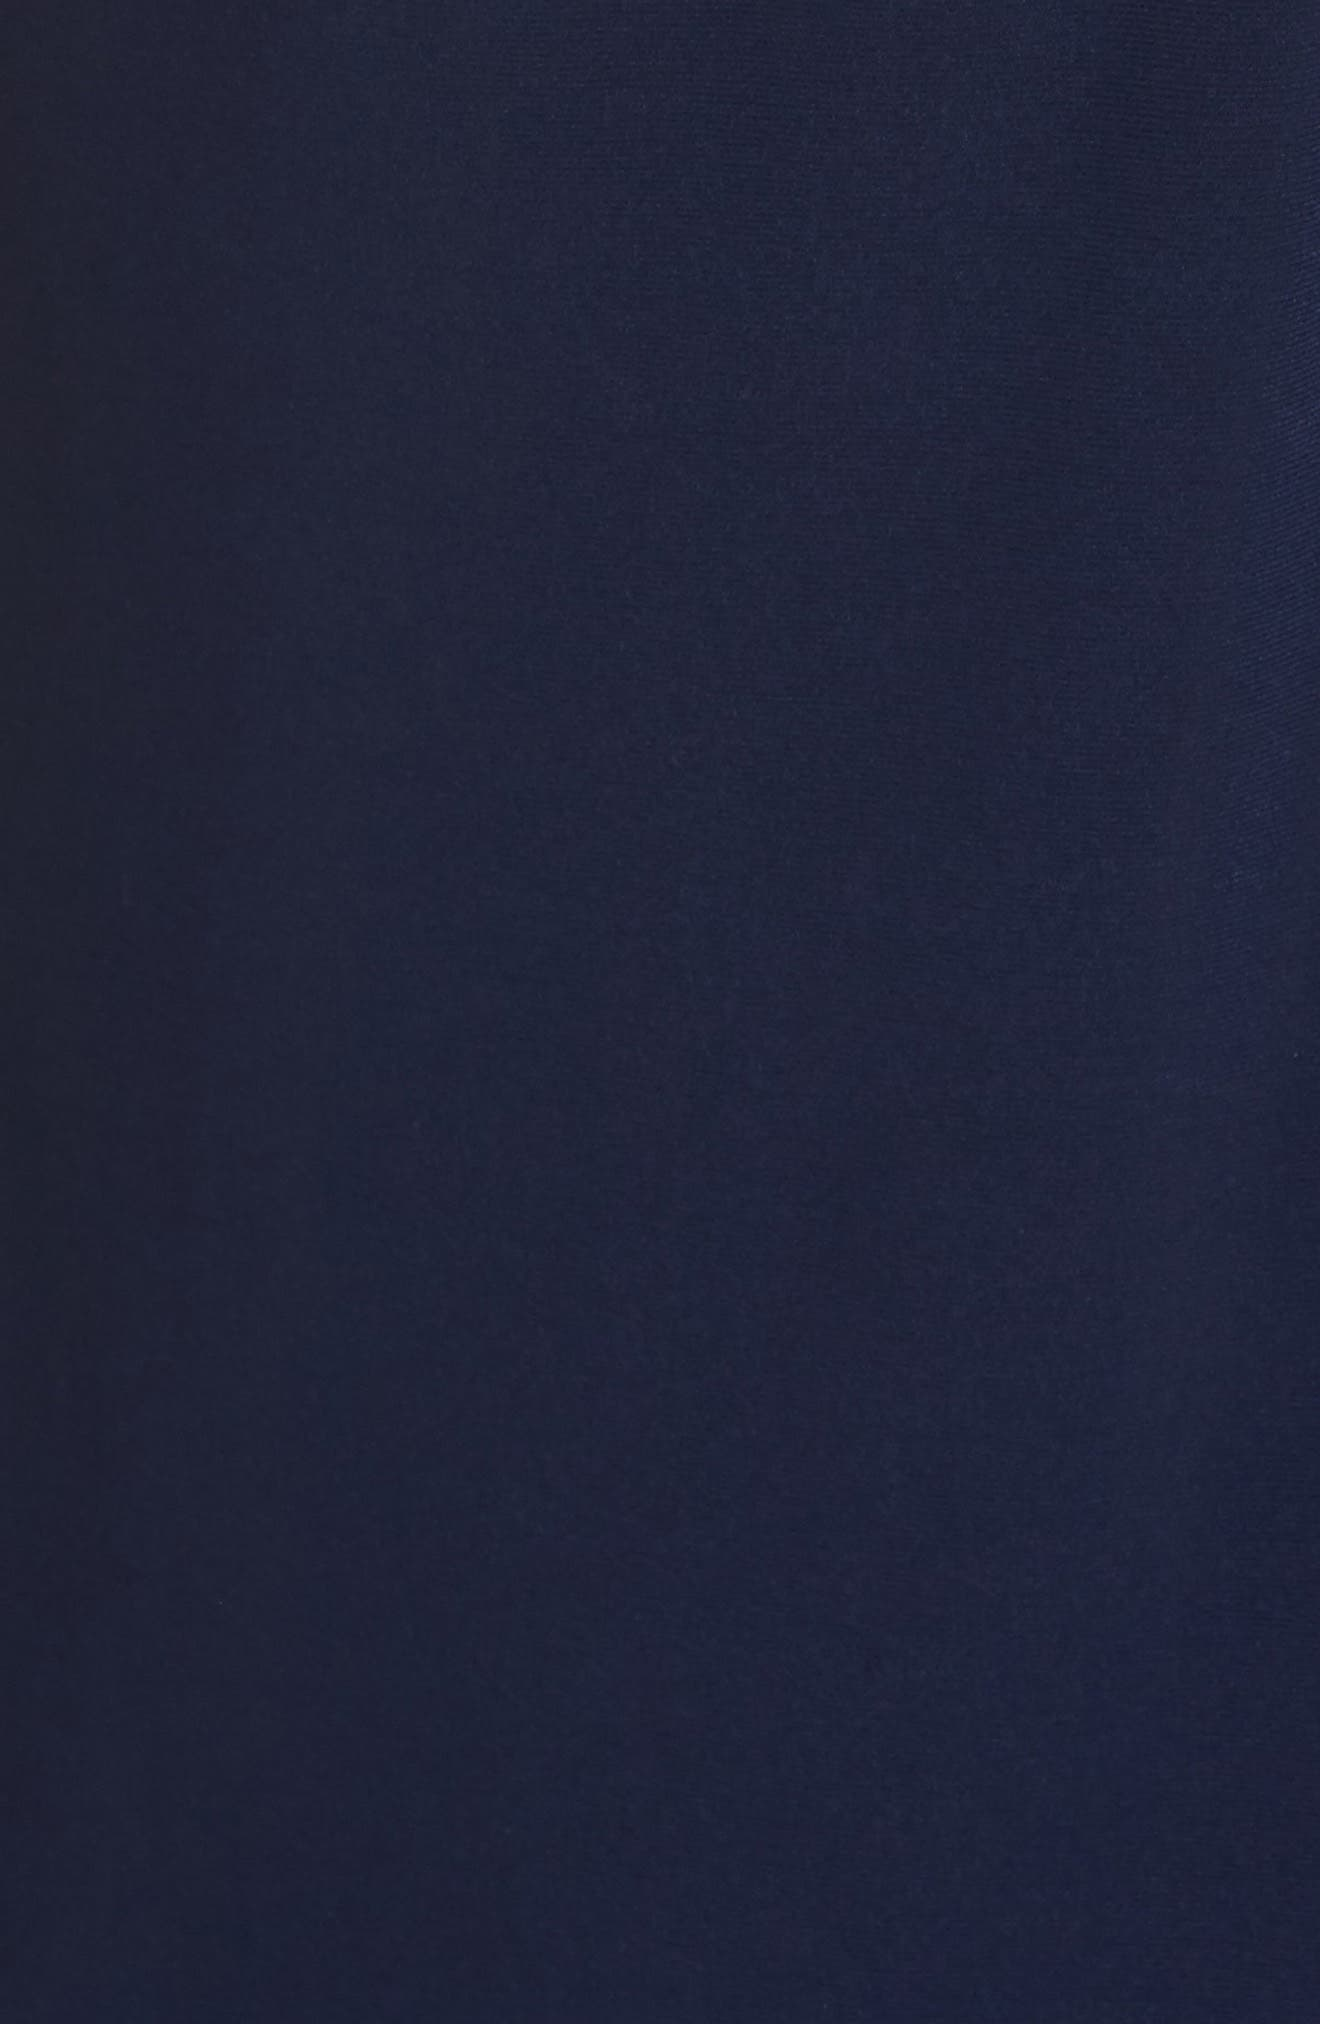 Embellished Shoulder Jersey Gown,                             Alternate thumbnail 5, color,                             Navy